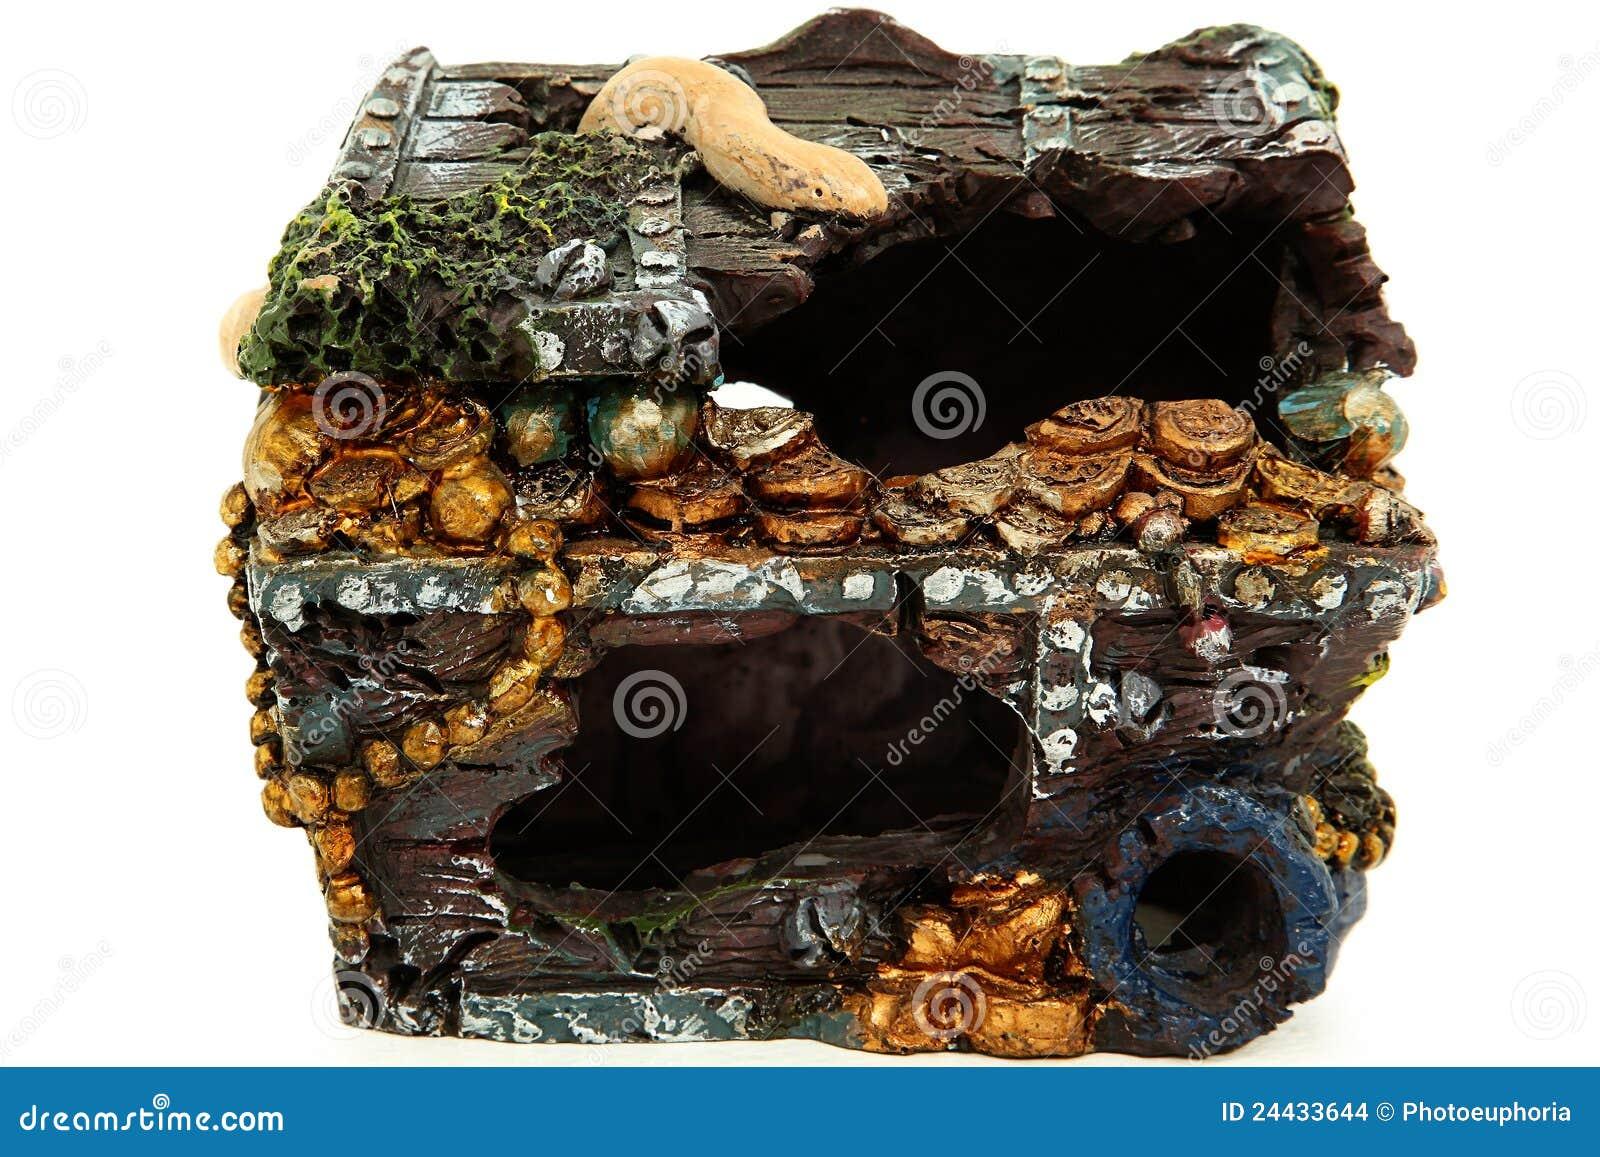 Treasure chest ornament stock photo image of tank for Fish tank treasure chest